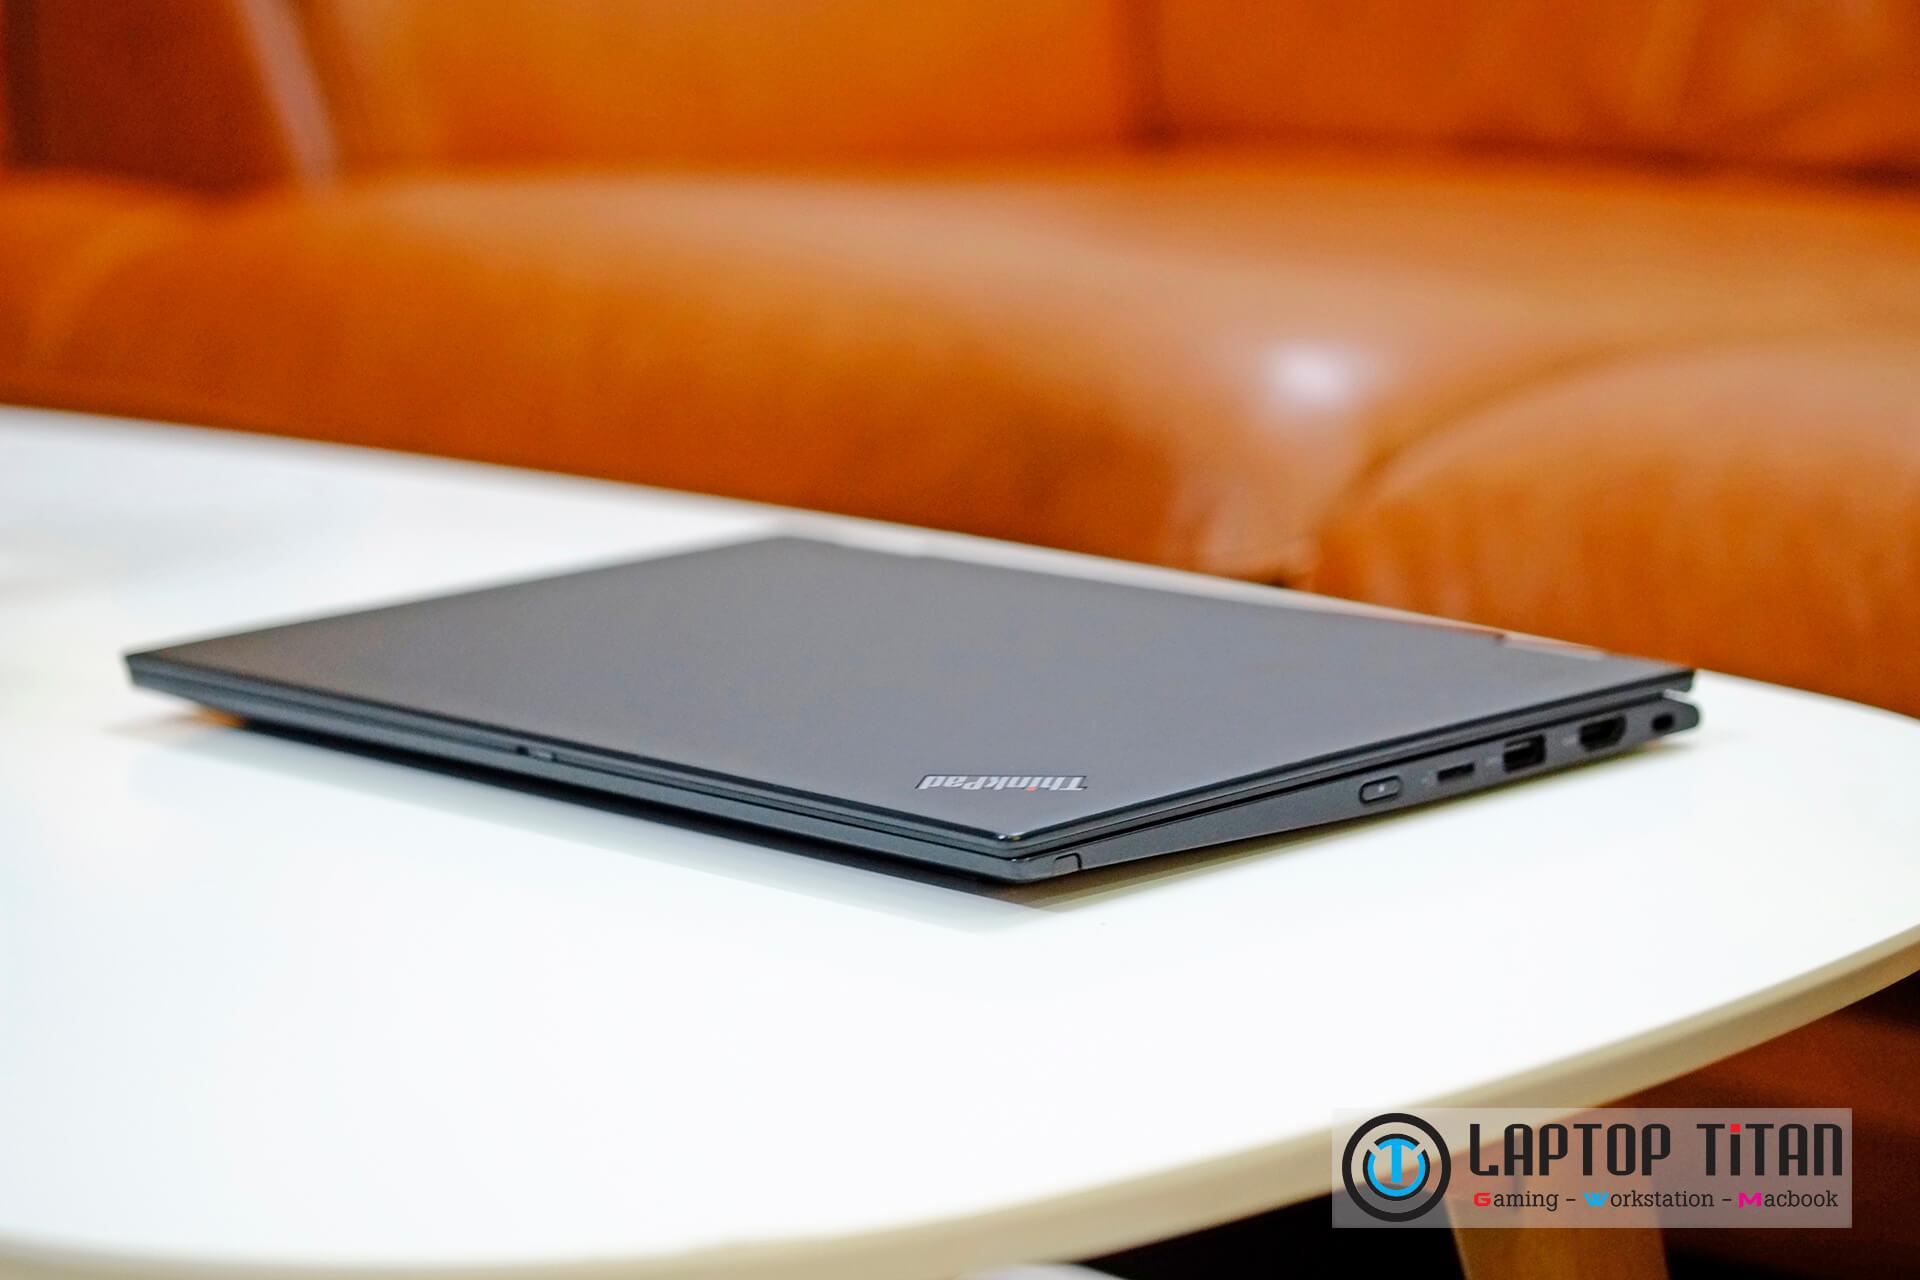 Lenovo Thinkpad X13 Yoga Laptoptitan 02